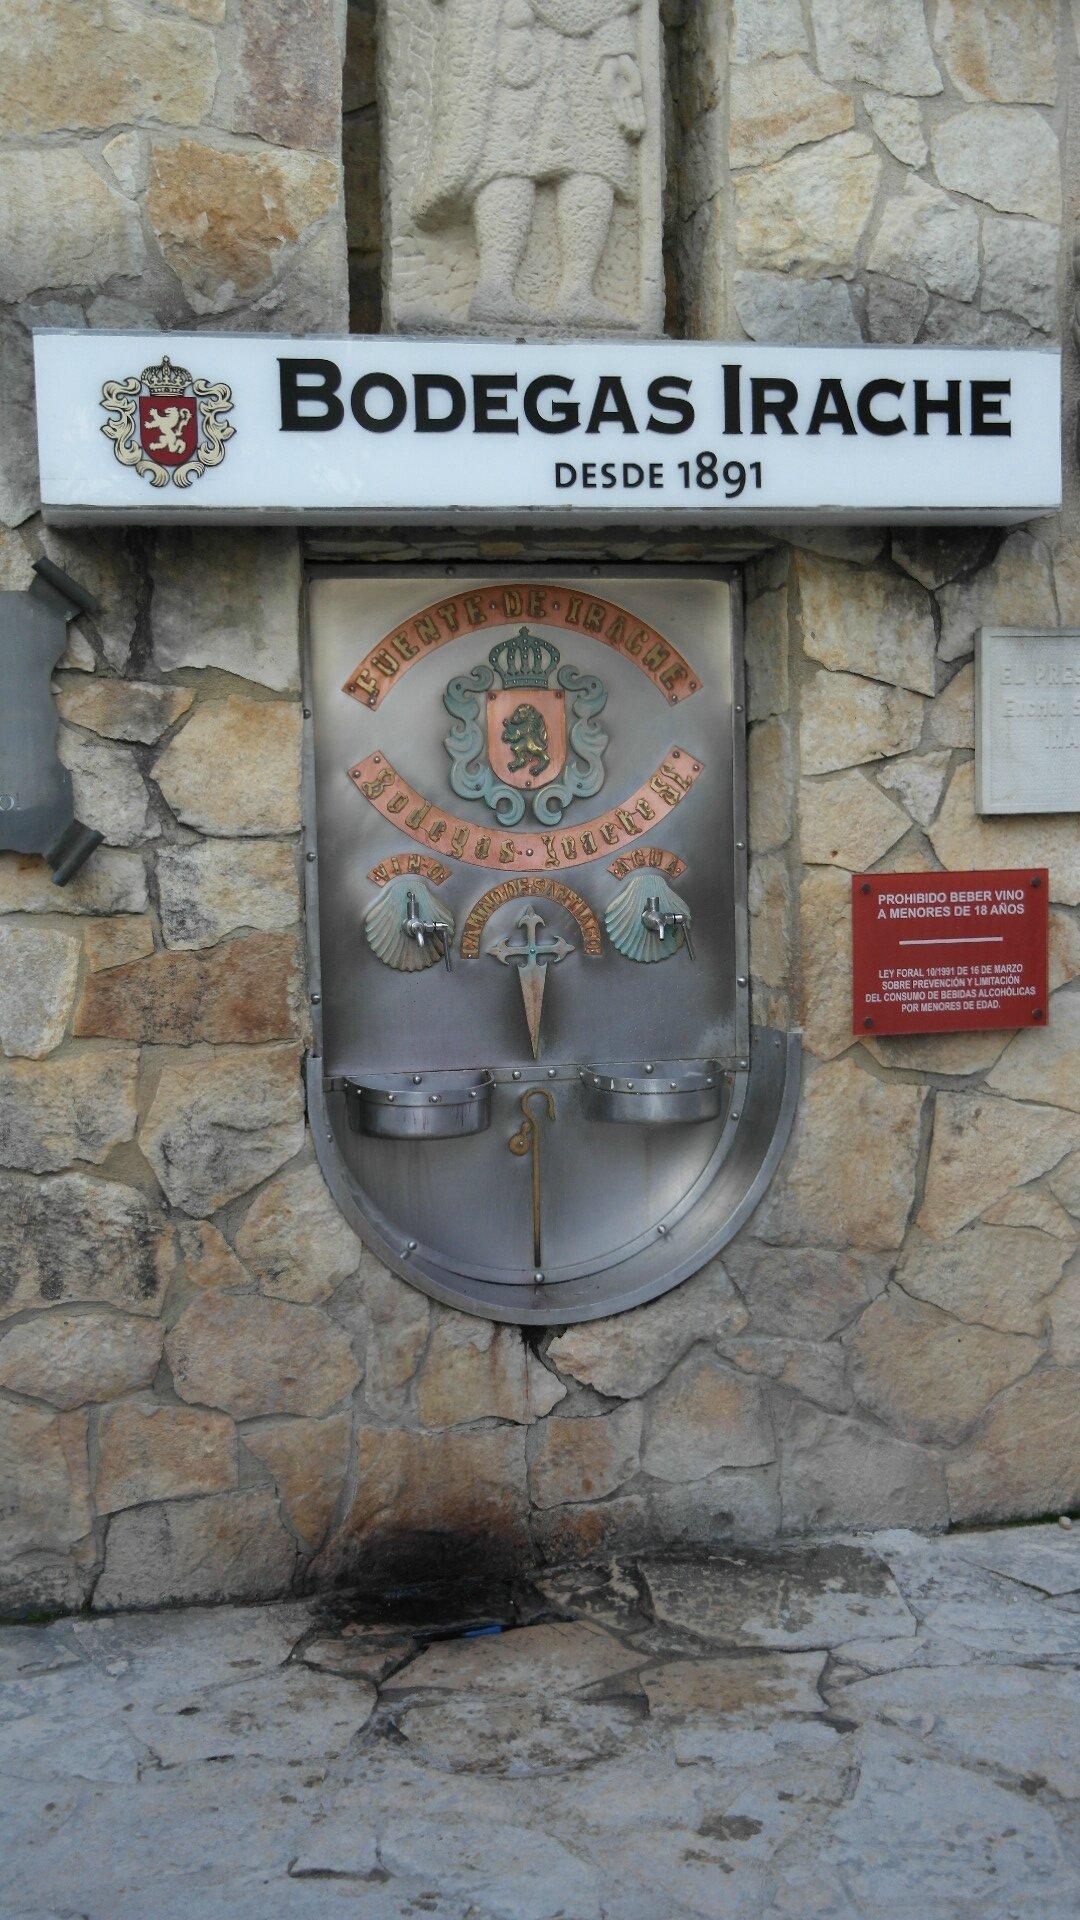 5 ème tronçon : 5 ème étape de Estella à Los Arcos : 21 kms